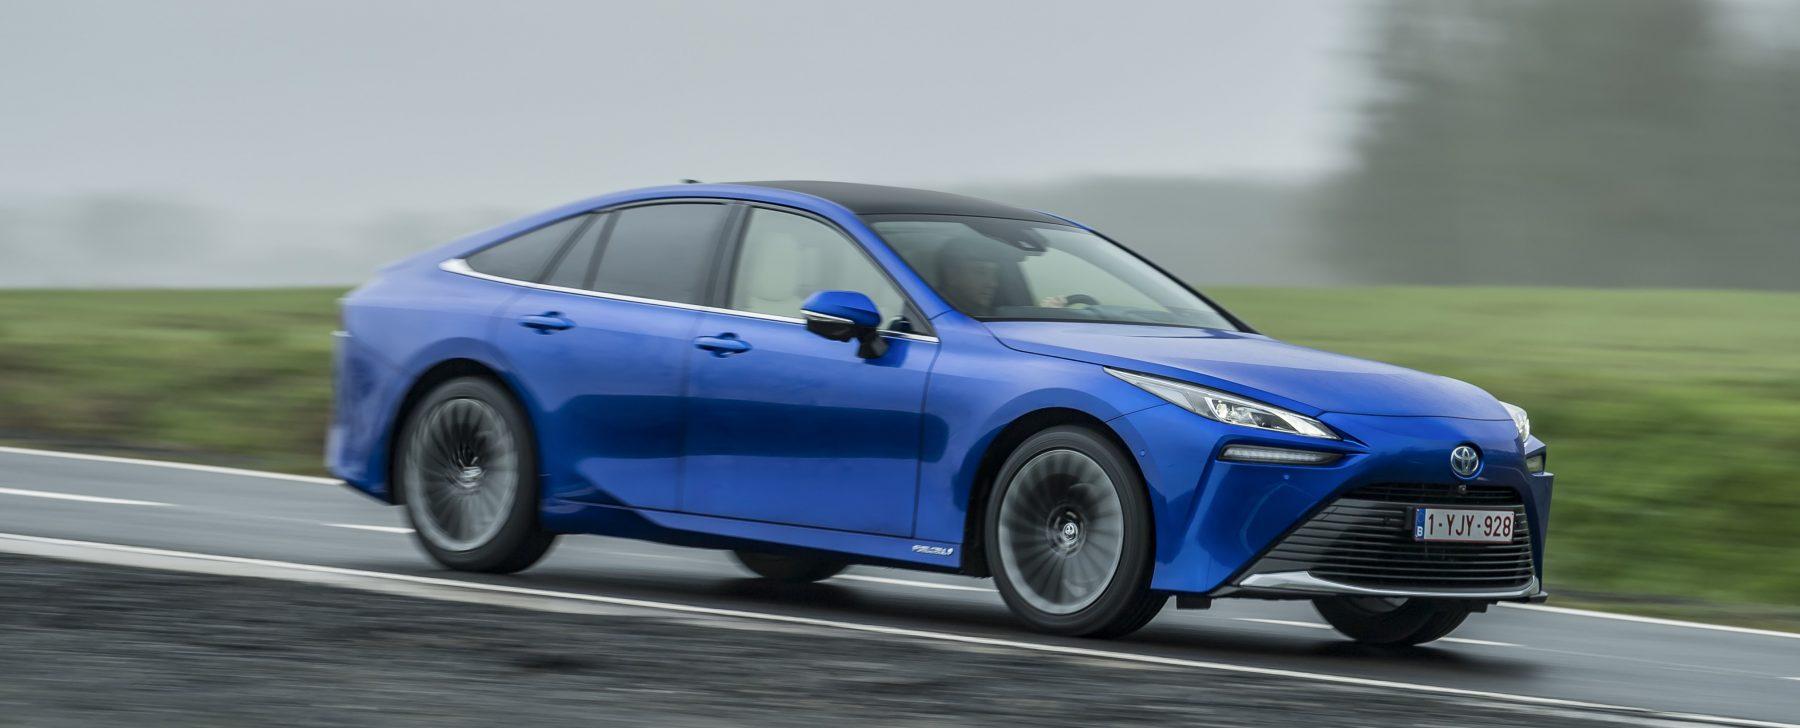 Al volante del Toyota Mirai, el coche de hidrógeno más avanzado